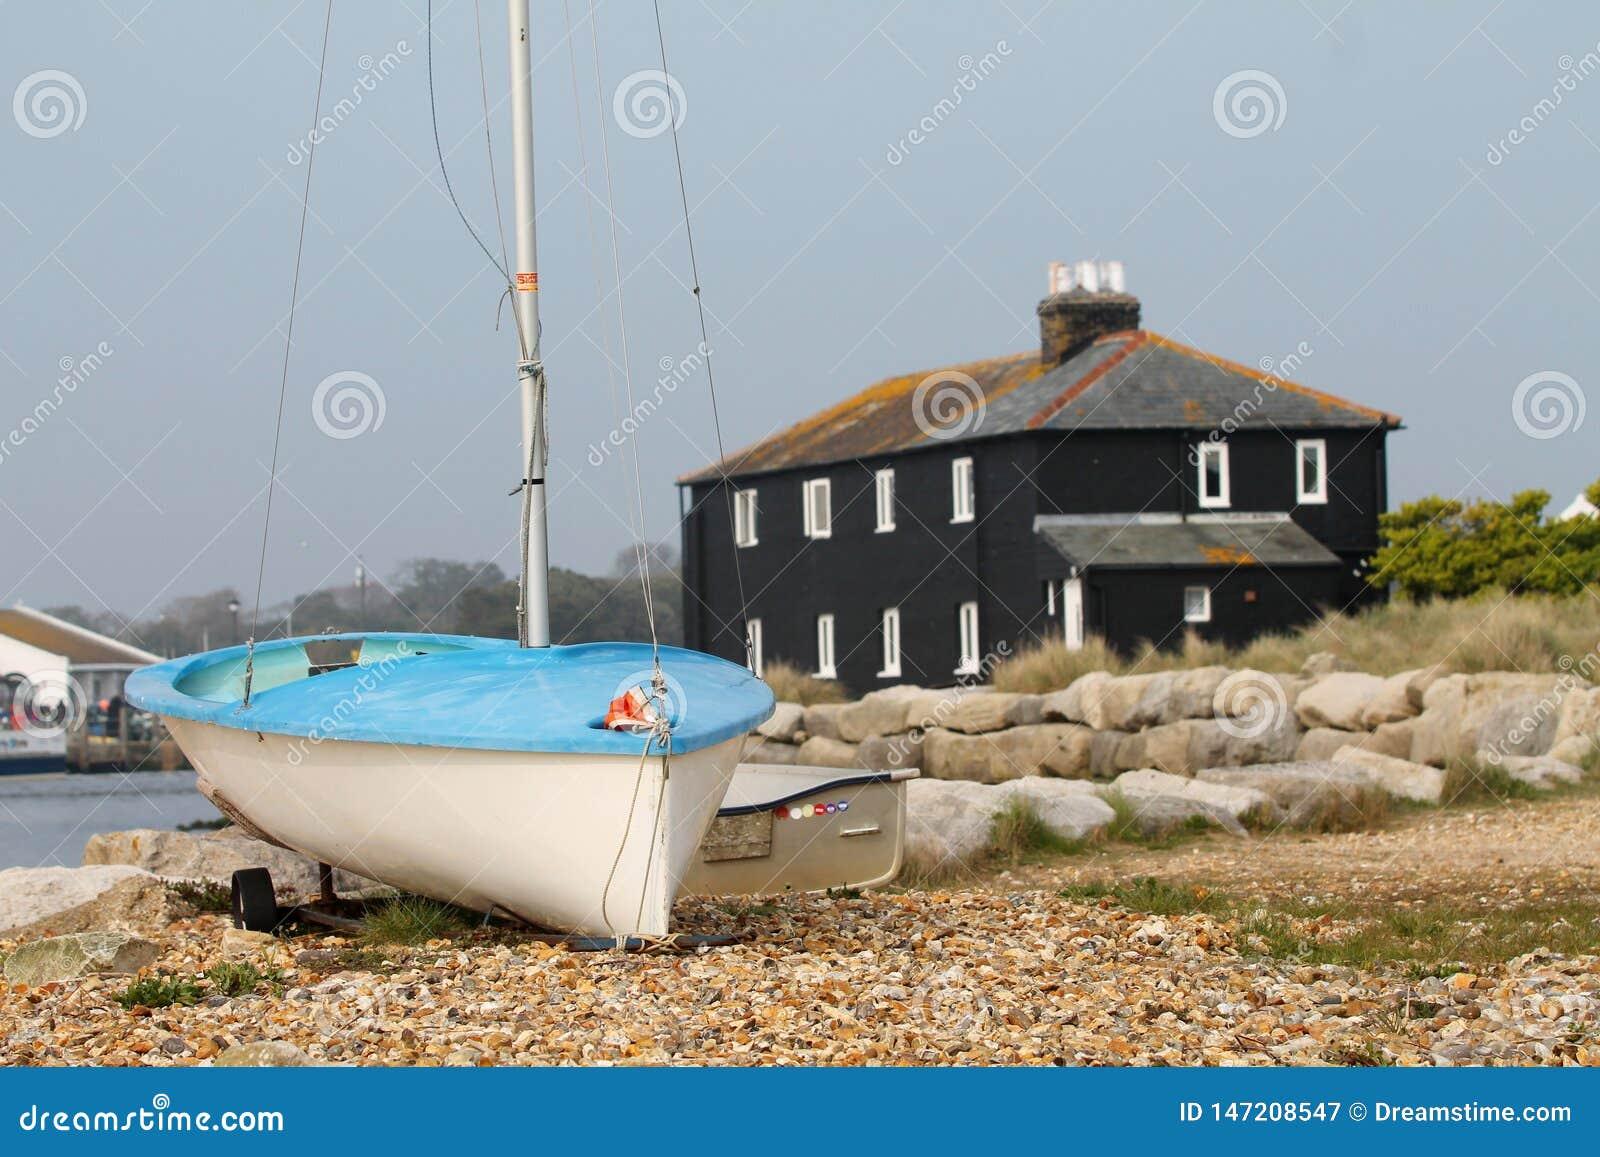 """Βάρκα με """"του μαύρου σπιτιού σε Mudeford, Dorset, UK"""